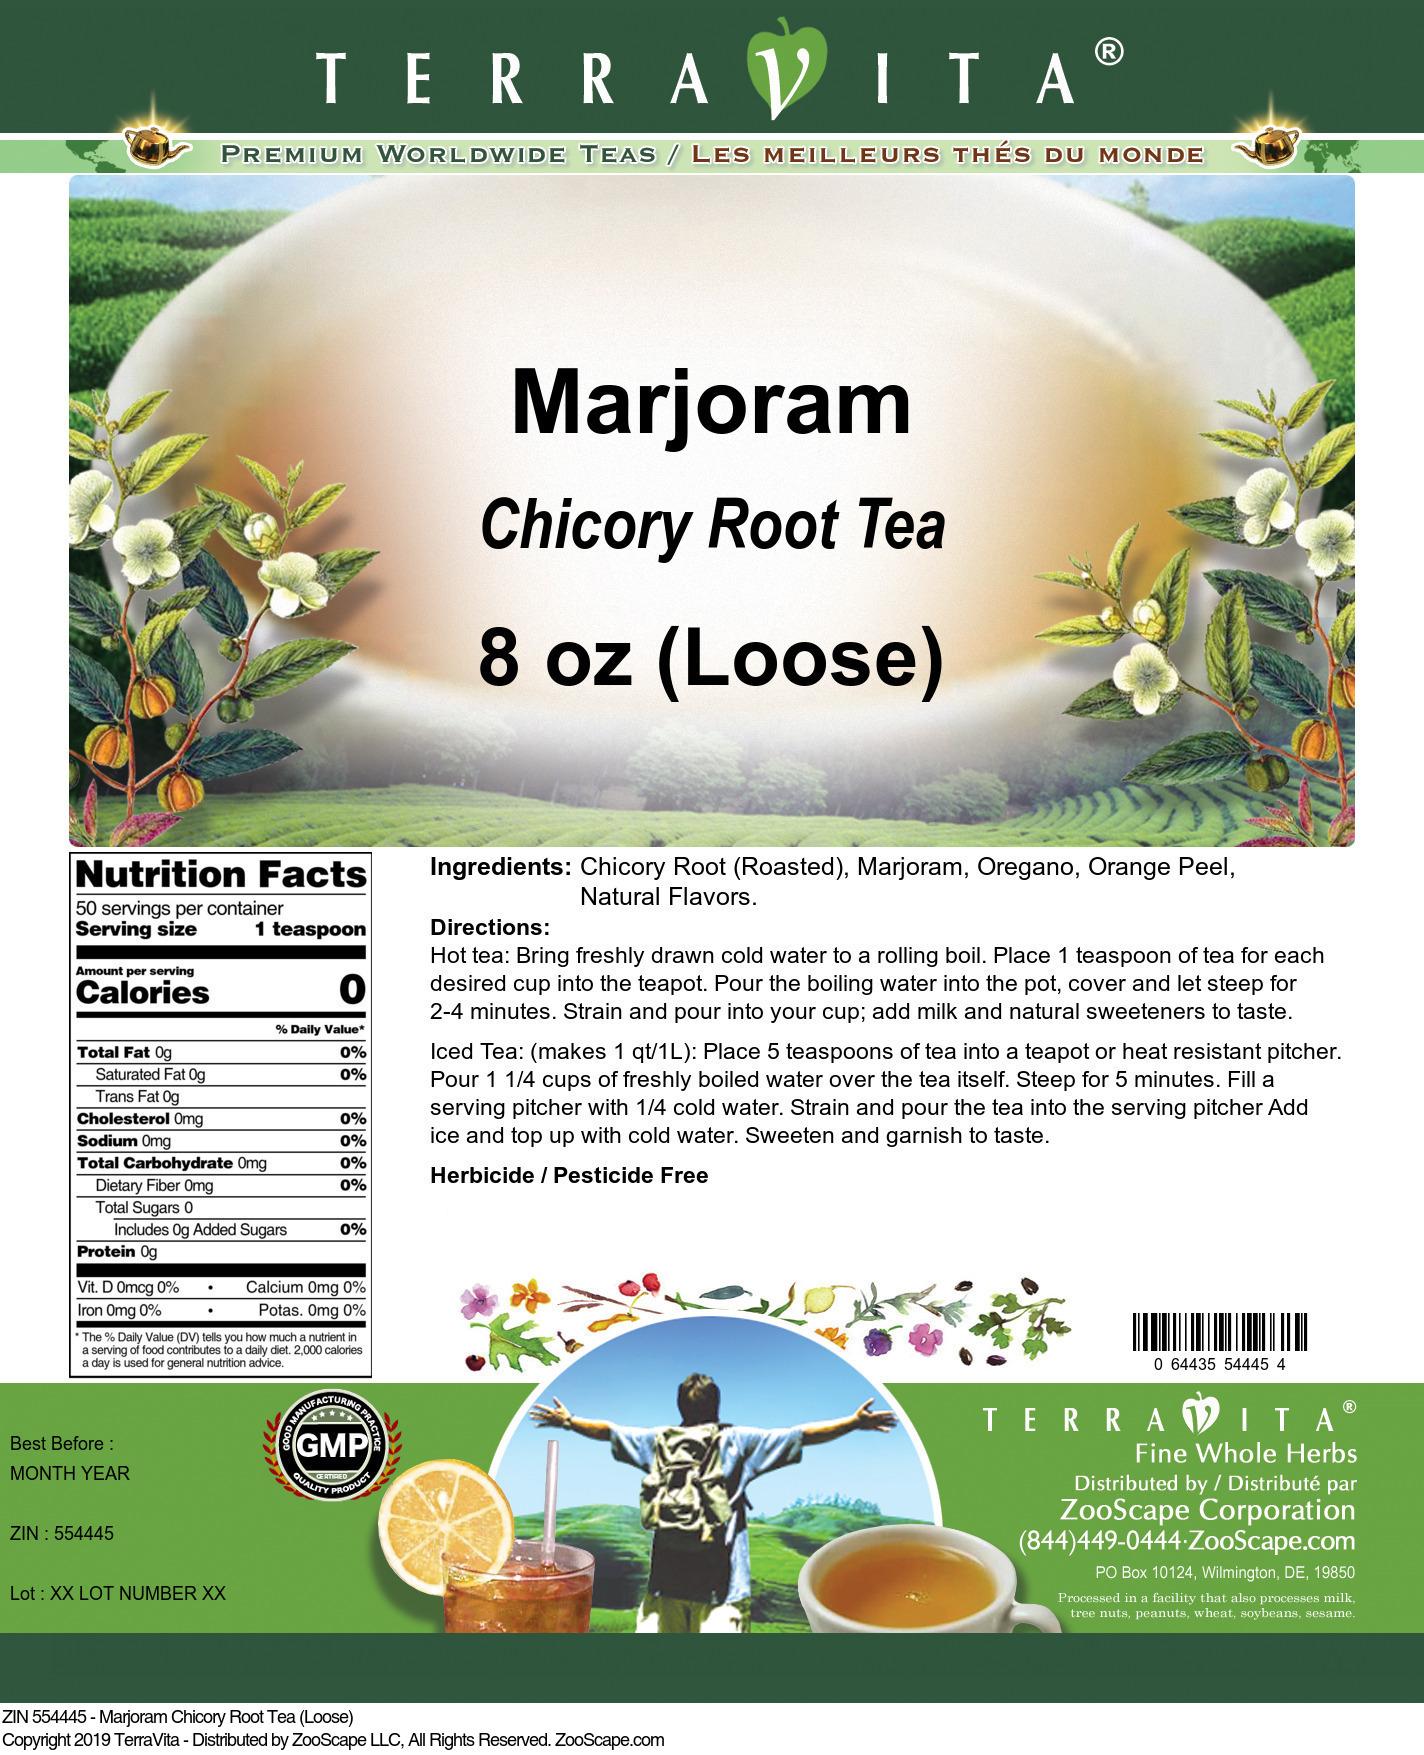 Marjoram Chicory Root